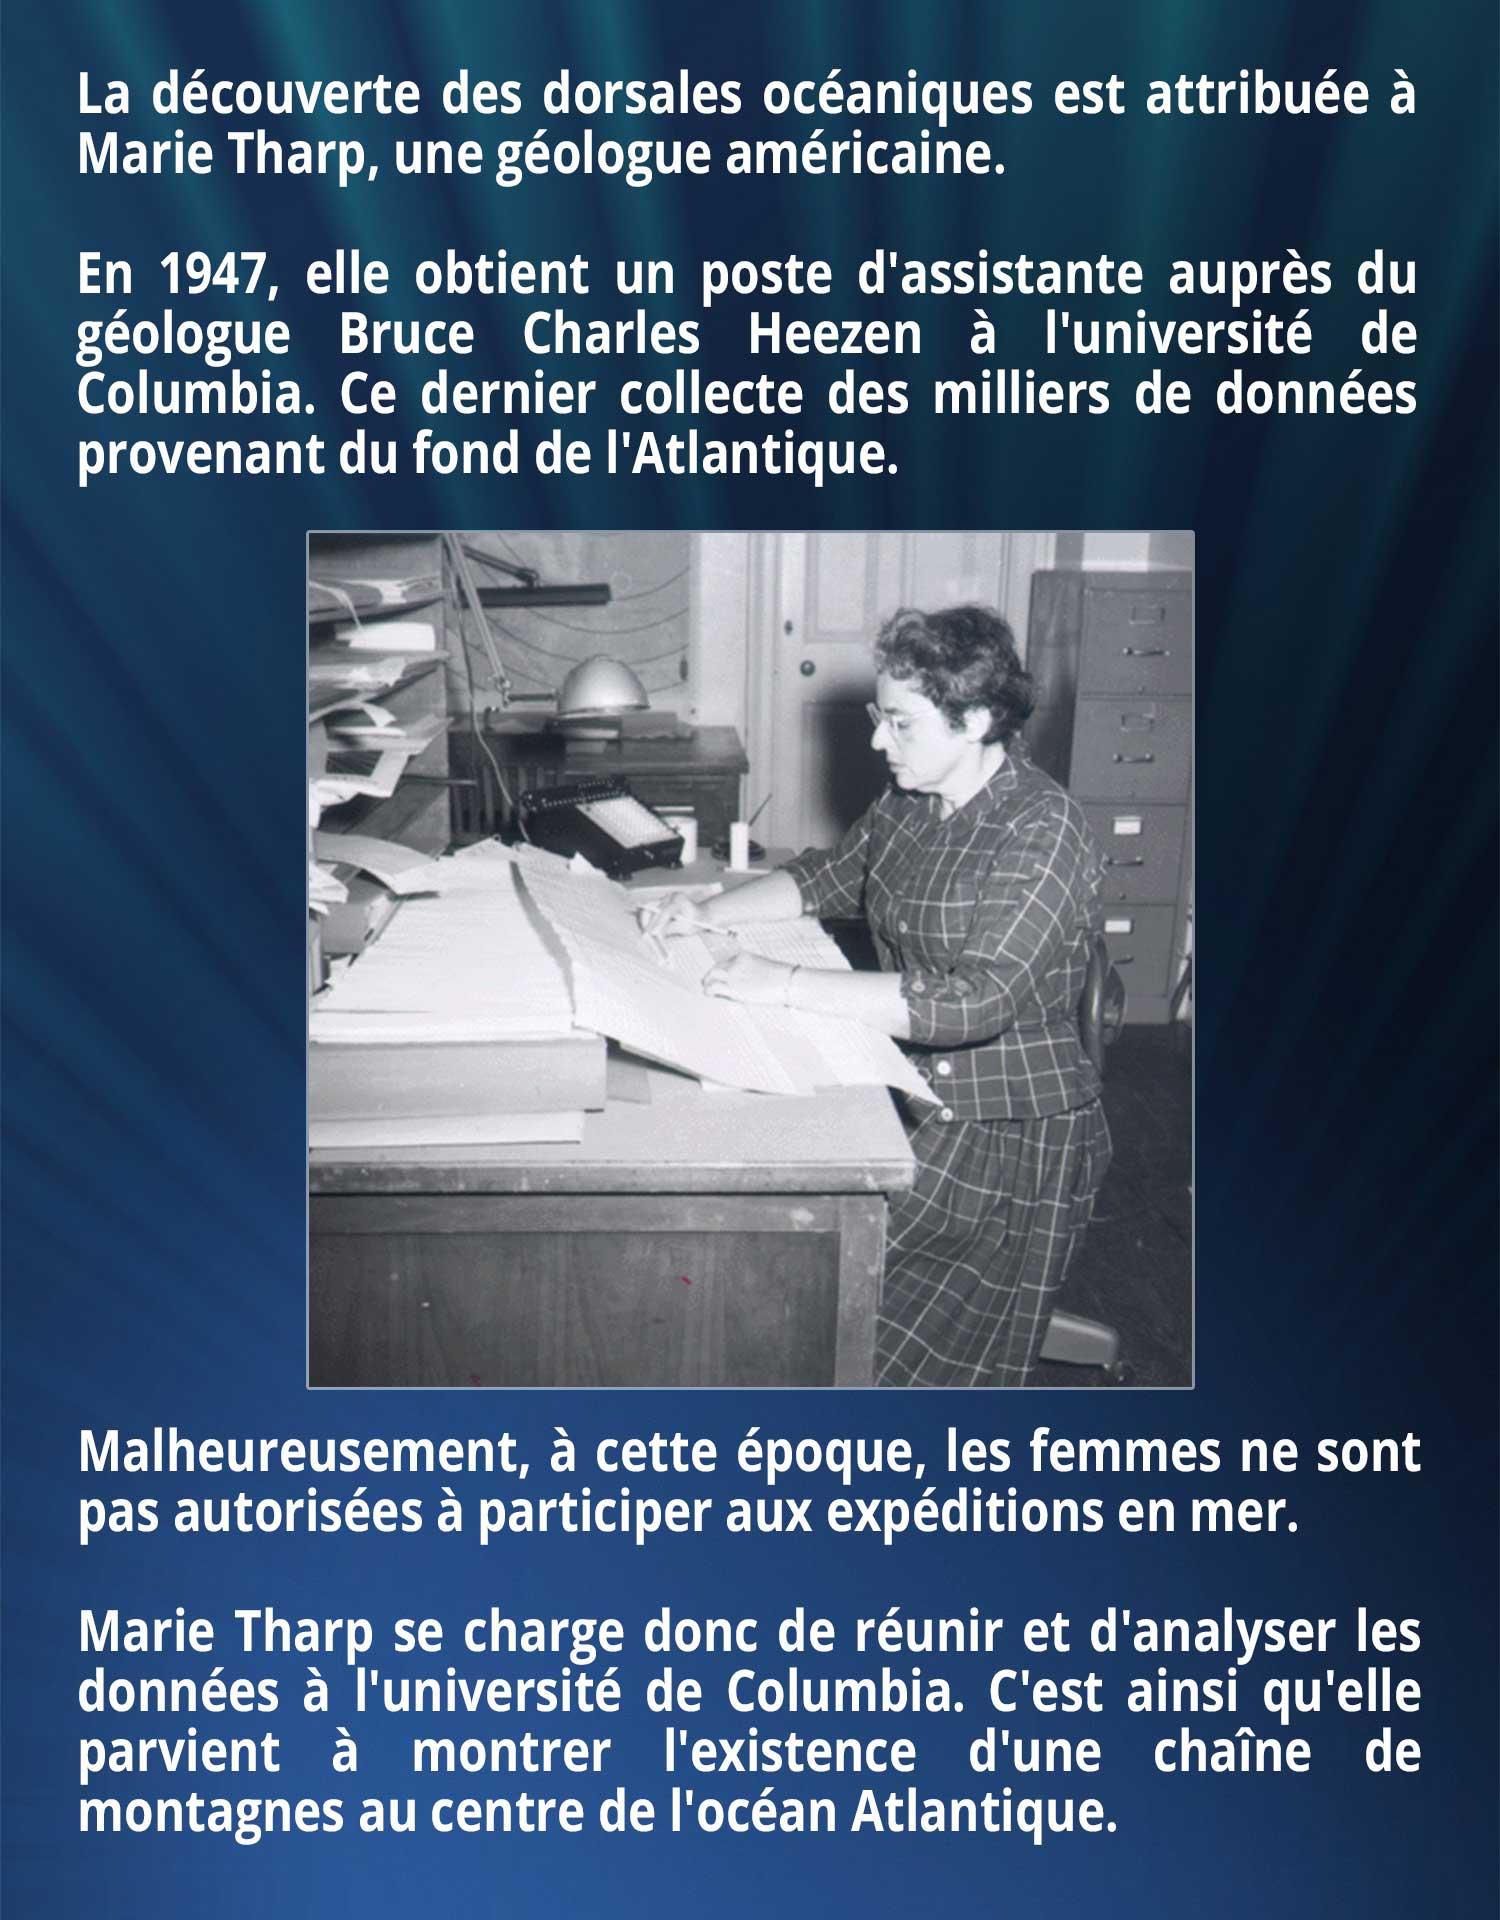 La découverte des dorsales océaniques est attribuée à Marie Tharp, une géologue américaine. En 1947, elle obtient un poste d'assistante auprès du géologue Bruce Charles Heezen à l'université de Columbia. Ce dernier collecte des milliers de données provenant du fond de l'Atlantique. Malheureusement, à cette époque, les femmes ne sont pas autorisées à participer aux expéditions en mer. Marie Tharp se charge donc de réunir et d'analyser les données à l'université de Columbia. C'est ainsi qu'elle parvient à montrer l'existence d'une chaîne de montagnes au centre de l'océan Atlantique.